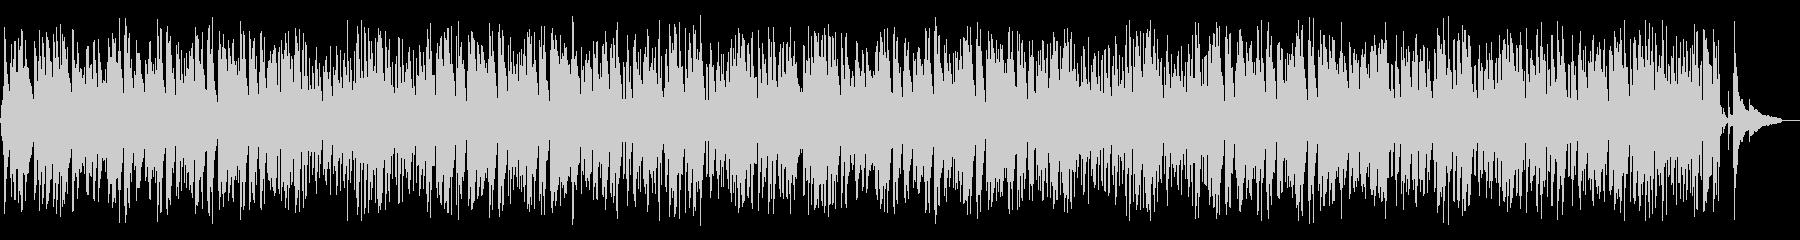 ジャジーで可愛らしい3拍子ポップスBGMの未再生の波形